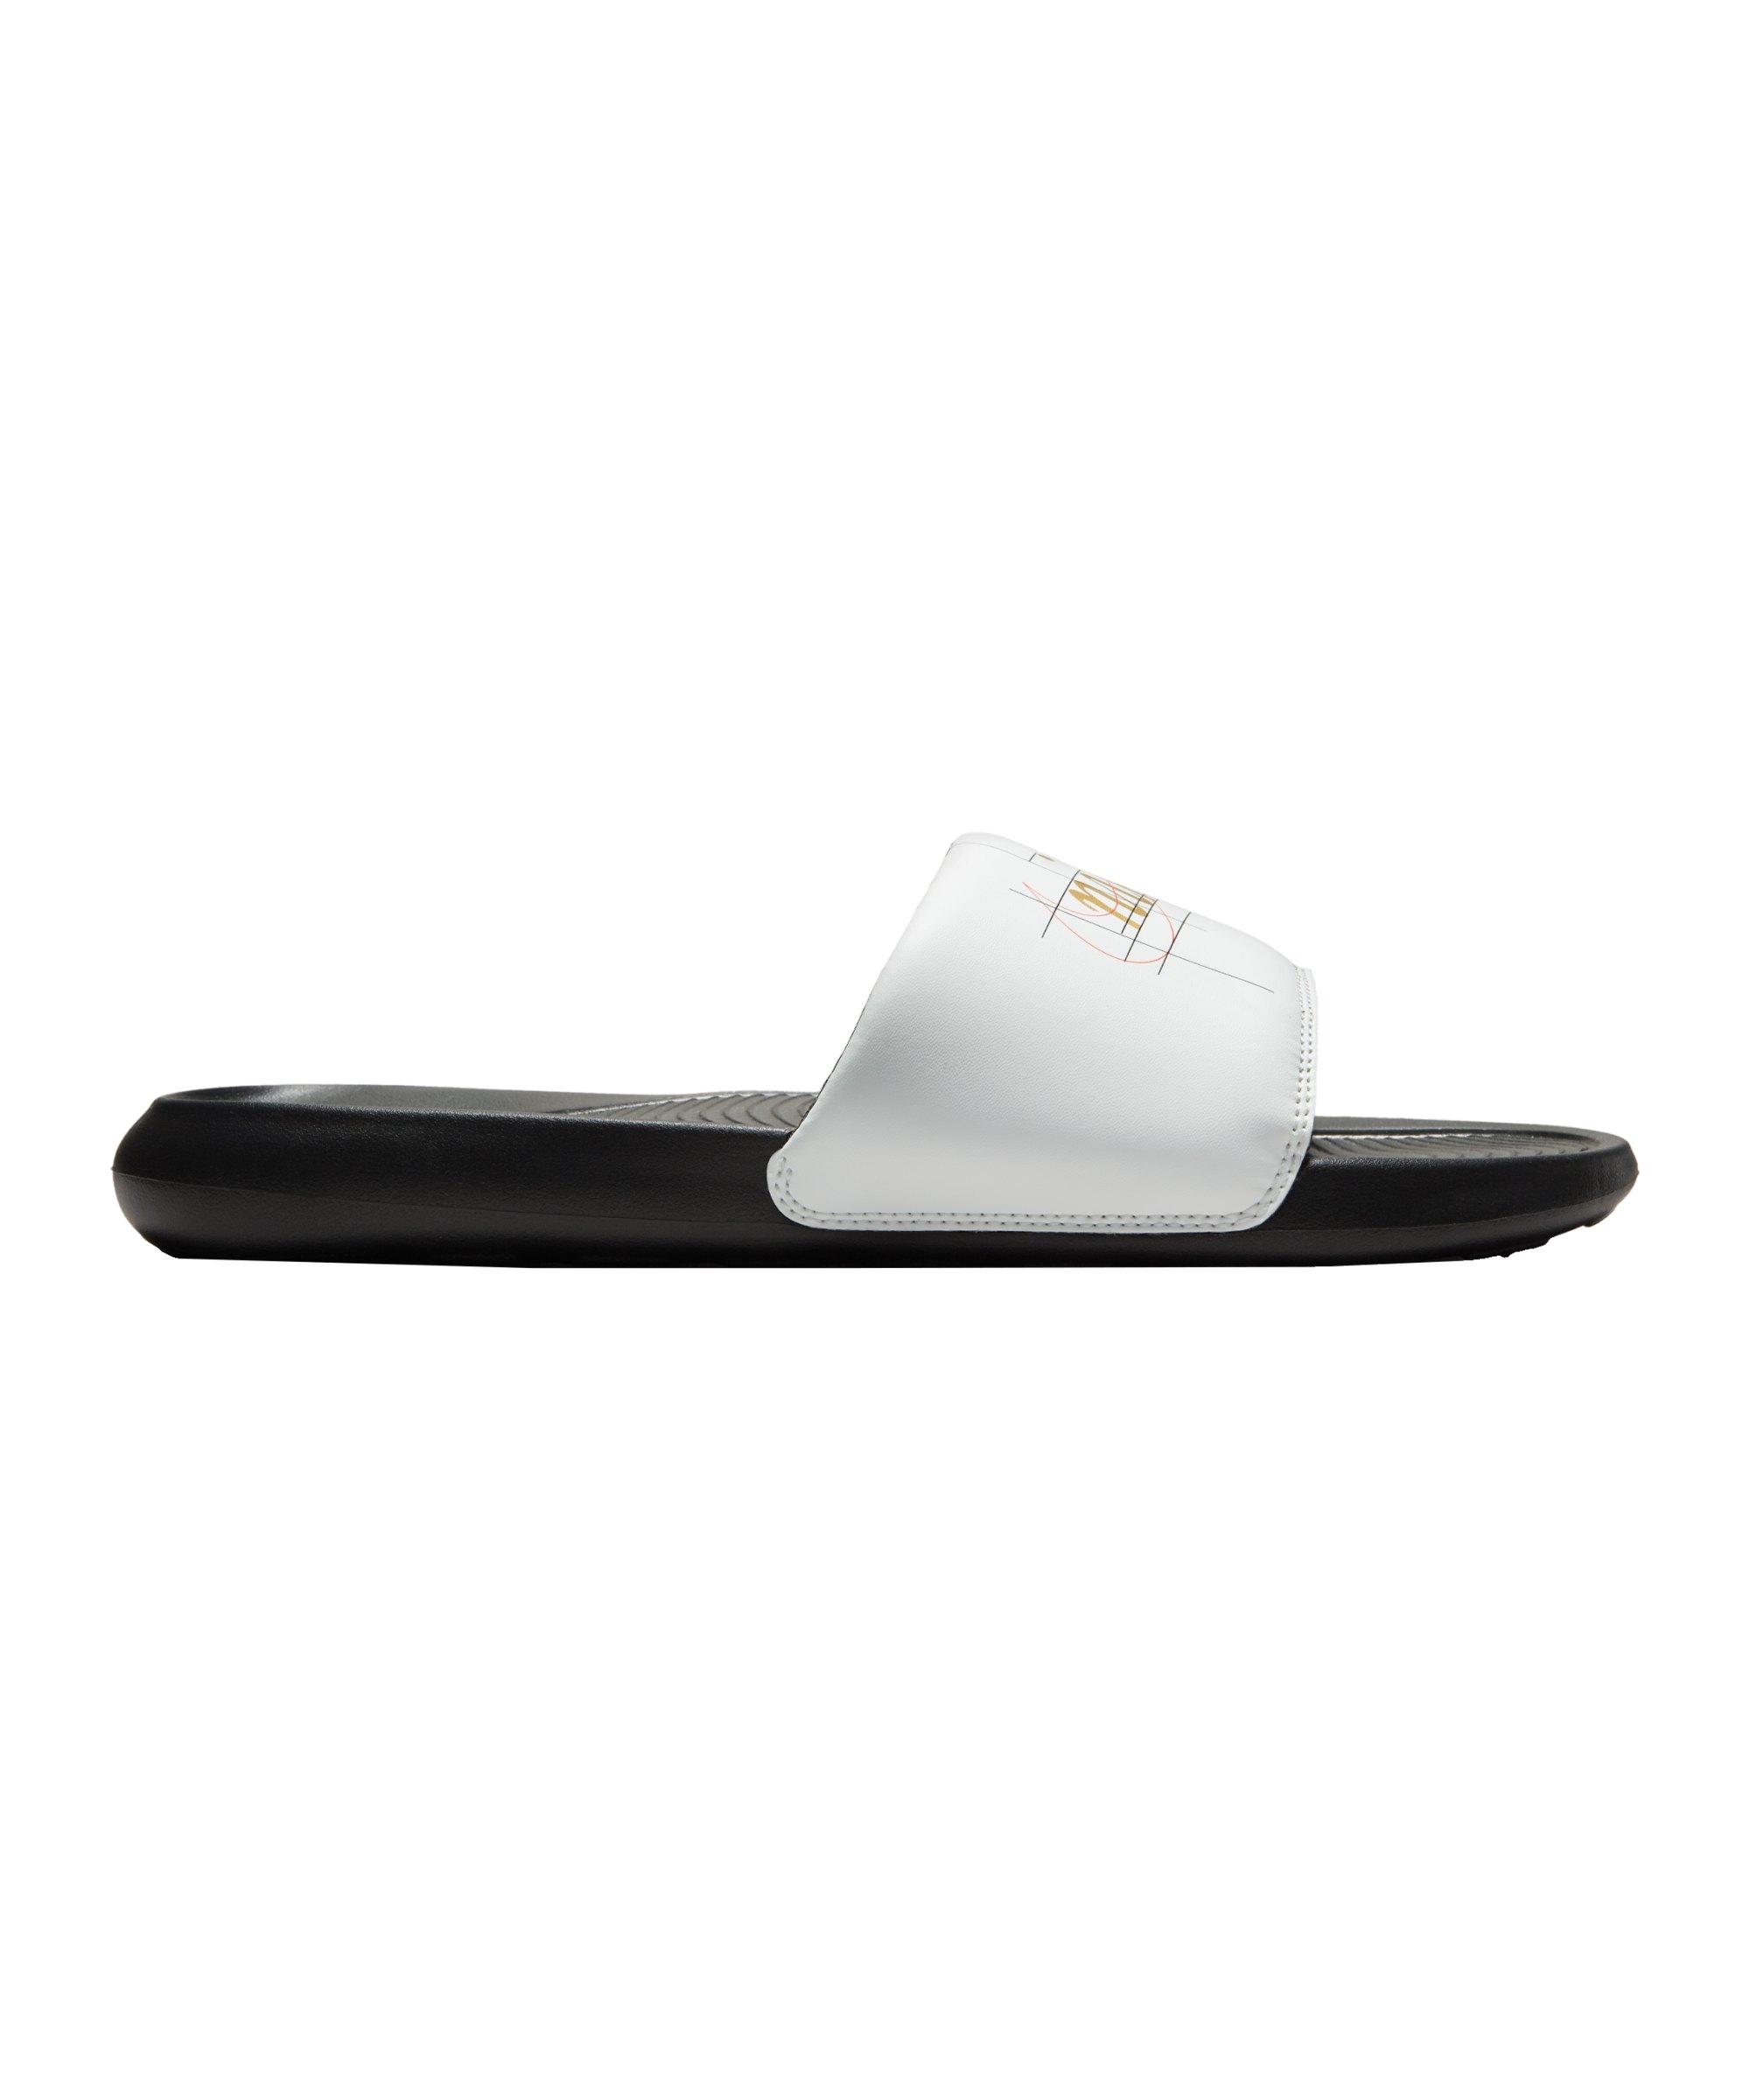 Nike Victori One Print Badelatsche Weiss F103 - weiss